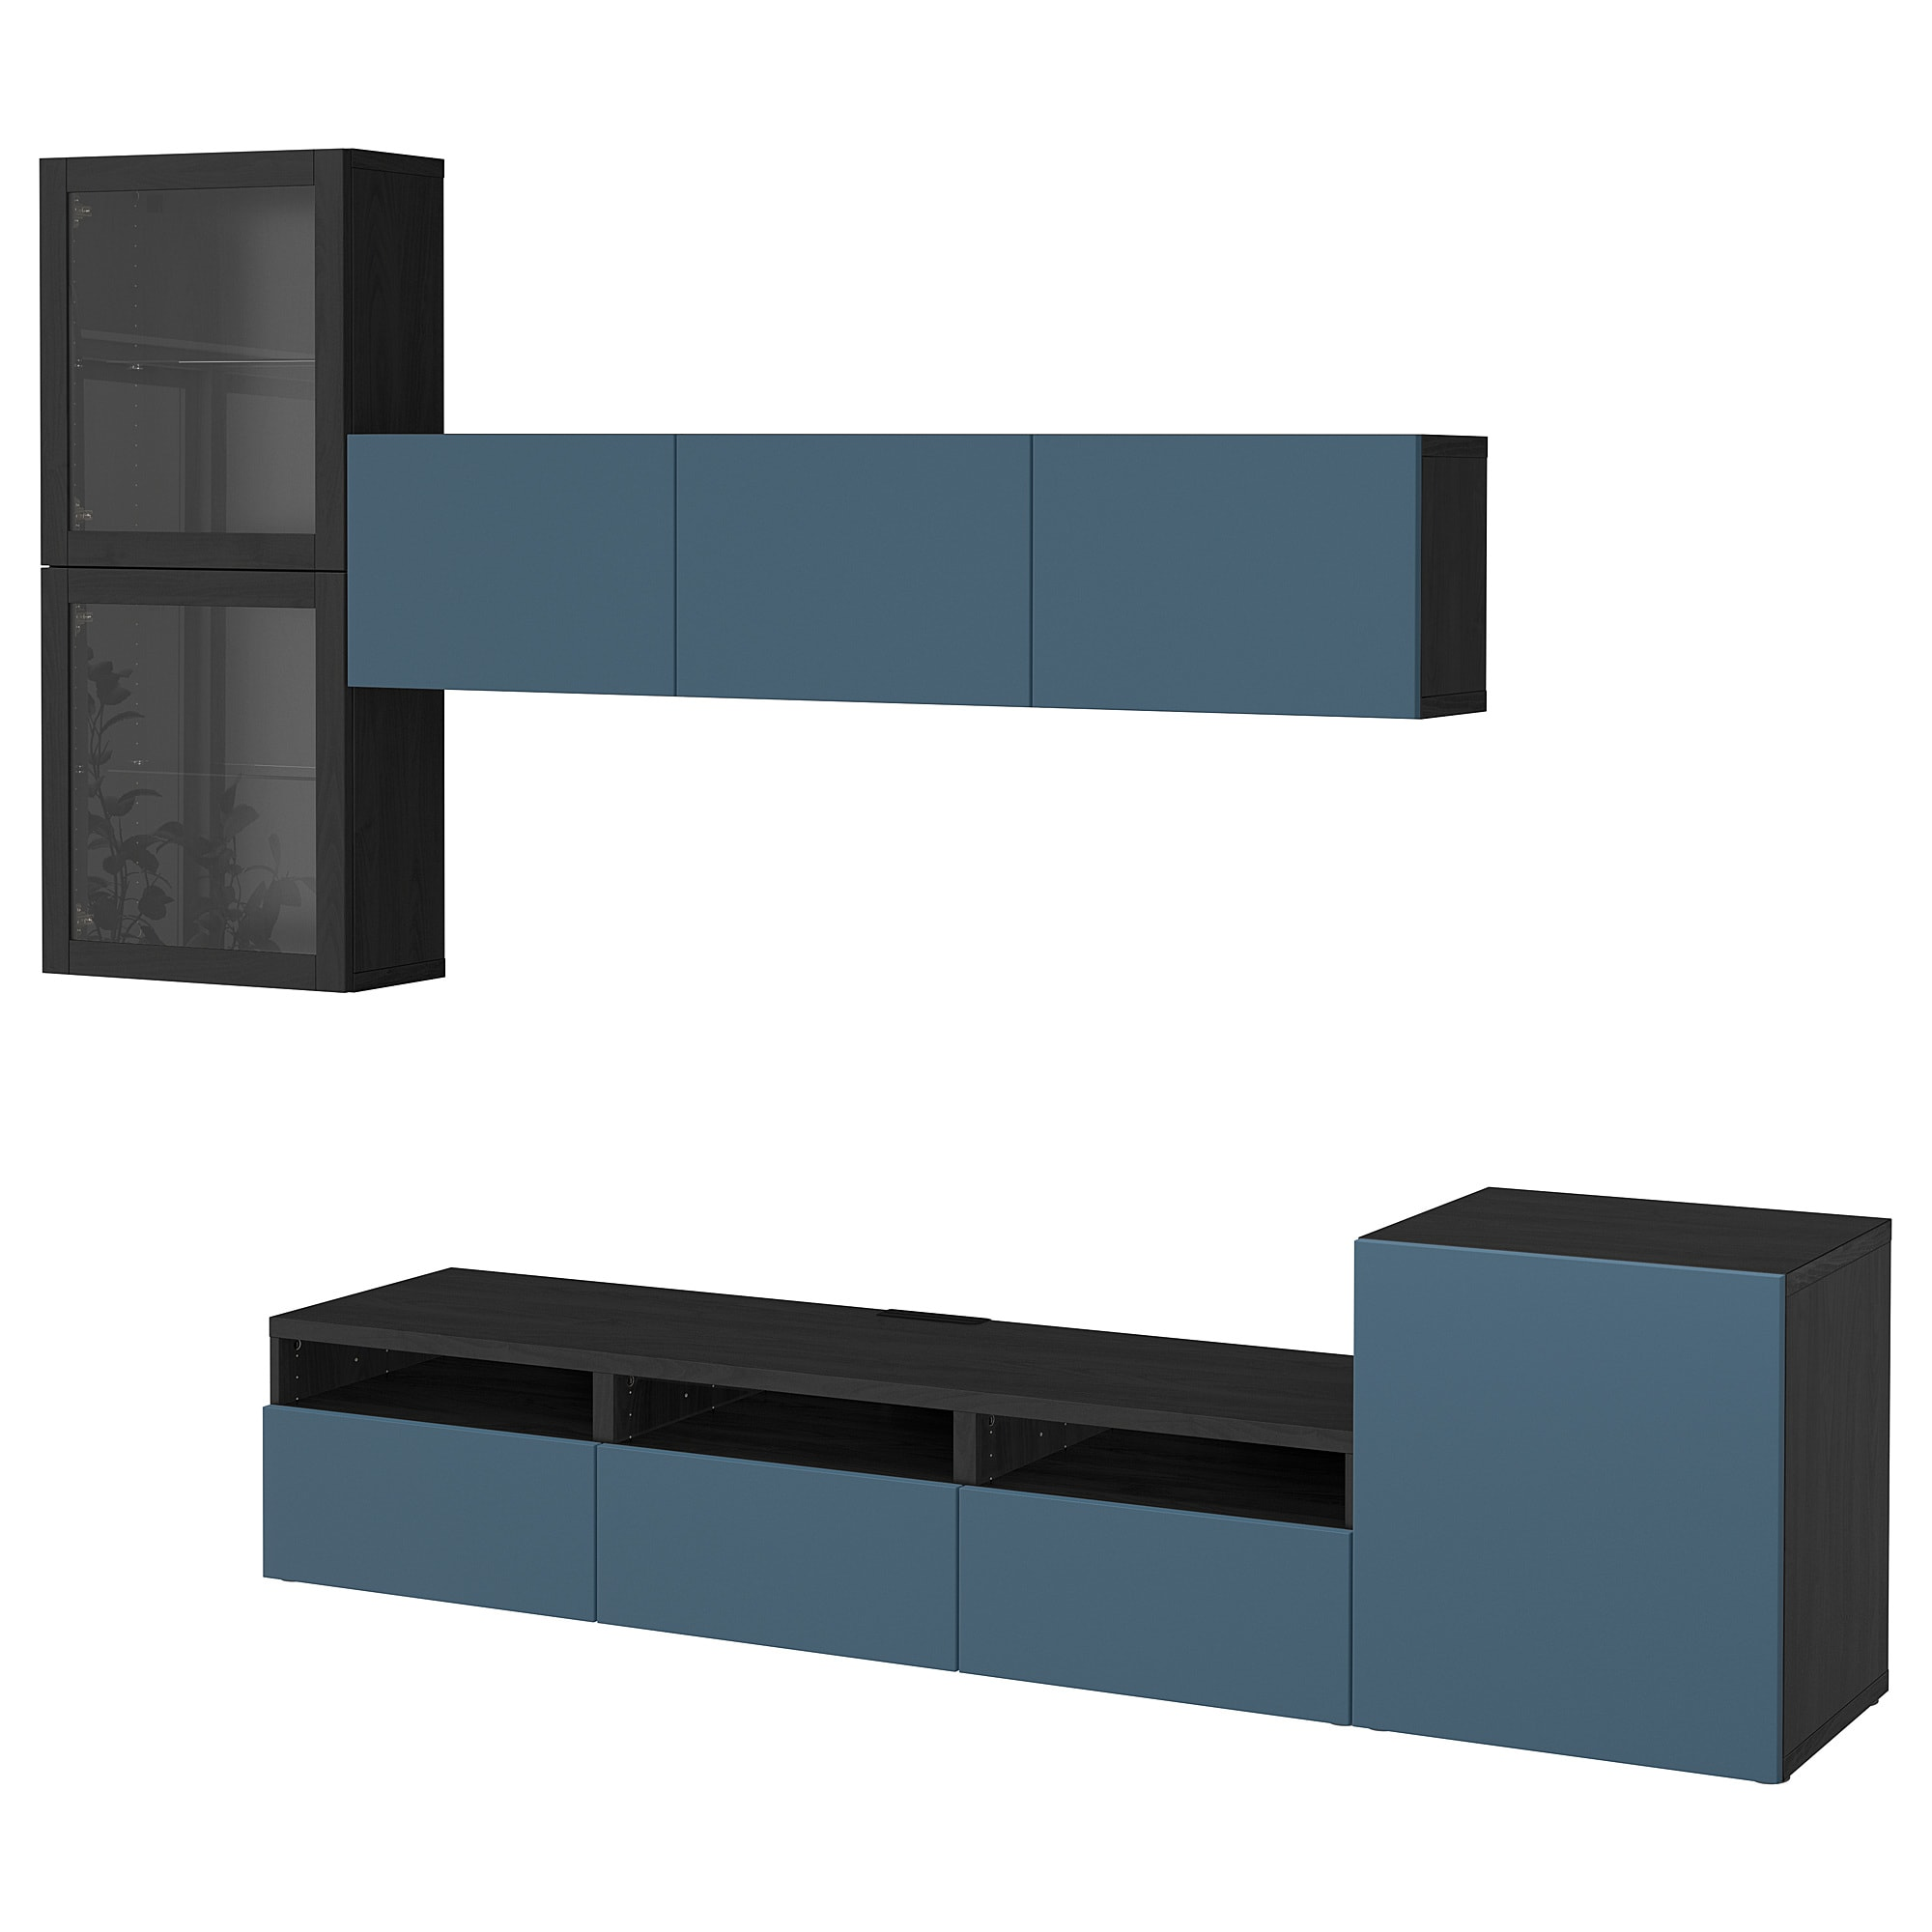 Шкаф для ТВ, комбинированный, стекляные дверцы БЕСТО артикуль № 392.522.52 в наличии. Онлайн сайт IKEA РБ. Недорогая доставка и установка.